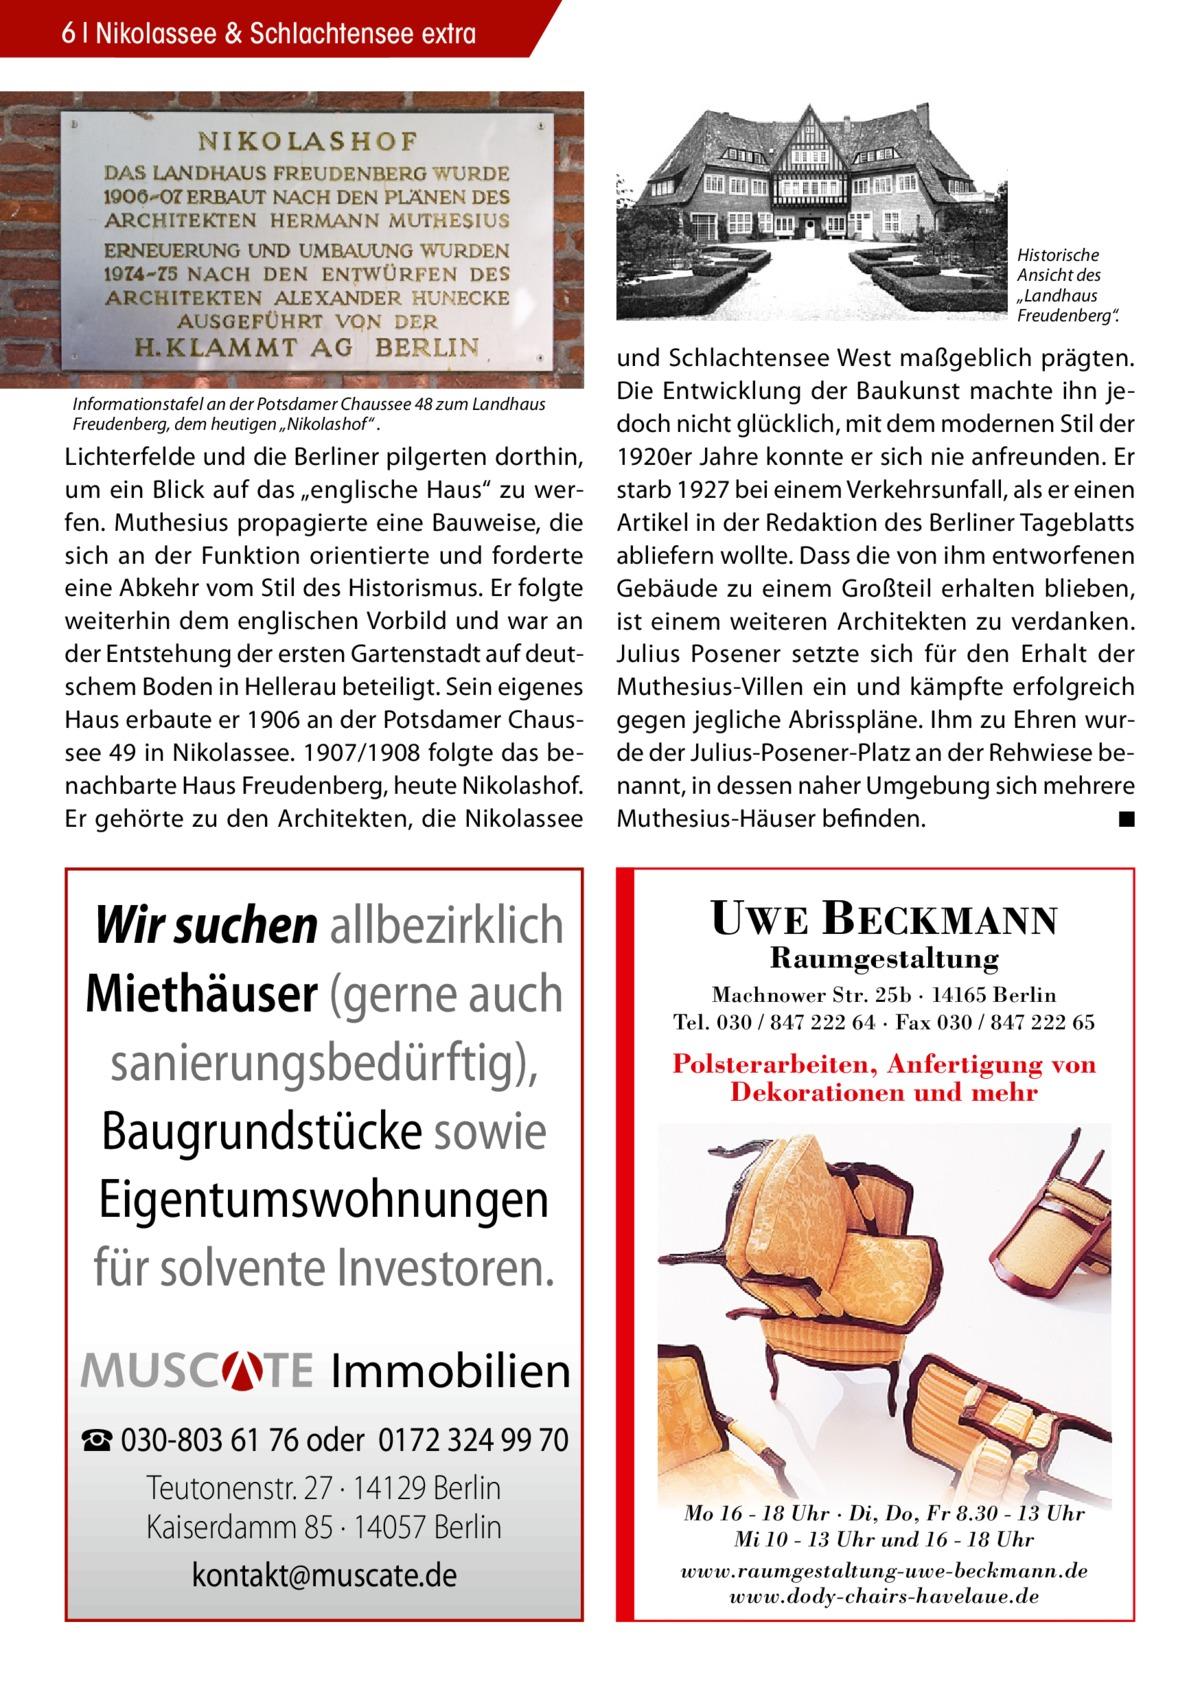 """6 Nikolassee & Schlachtensee extra  Historische Ansicht des """"Landhaus Freudenberg"""".  Informationstafel an der Potsdamer Chaussee 48 zum Landhaus Freudenberg, dem heutigen """"Nikolashof"""" .  Lichterfelde und die Berliner pilgerten dorthin, um ein Blick auf das """"englische Haus"""" zu werfen. Muthesius propagierte eine Bauweise, die sich an der Funktion orientierte und forderte eine Abkehr vom Stil des Historismus. Er folgte weiterhin dem englischen Vorbild und war an der Entstehung der ersten Gartenstadt auf deutschem Boden in Hellerau beteiligt. Sein eigenes Haus erbaute er 1906 an der Potsdamer Chaussee 49 in Nikolassee. 1907/1908 folgte das benachbarte Haus Freudenberg, heute Nikolashof. Er gehörte zu den Architekten, die Nikolassee  Wir suchen allbezirklich Miethäuser (gerne auch sanierungsbedürftig), Baugrundstücke sowie Eigentumswohnungen für solvente Investoren.  und Schlachtensee West maßgeblich prägten. Die Entwicklung der Baukunst machte ihn jedoch nicht glücklich, mit dem modernen Stil der 1920er Jahre konnte er sich nie anfreunden. Er starb 1927 bei einem Verkehrsunfall, als er einen Artikel in der Redaktion des Berliner Tageblatts abliefern wollte. Dass die von ihm entworfenen Gebäude zu einem Großteil erhalten blieben, ist einem weiteren Architekten zu verdanken. Julius Posener setzte sich für den Erhalt der Muthesius-Villen ein und kämpfte erfolgreich gegen jegliche Abrisspläne. Ihm zu Ehren wurde der Julius-Posener-Platz an der Rehwiese benannt, in dessen naher Umgebung sich mehrere Muthesius-Häuser befinden. ◾  UWE BECKMANN Raumgestaltung  Machnower Str. 25b · 14165 Berlin Tel. 030 / 847 222 64 · Fax 030 / 847 222 65  Polsterarbeiten, Anfertigung von Dekorationen und mehr  Immobilien ☎ 030-803 61 76 oder 0172 324 99 70 Teutonenstr. 27 · 14129 Berlin Kaiserdamm 85 · 14057 Berlin kontakt@muscate.de  Mo 16 - 18 Uhr · Di, Do, Fr 8.30 - 13 Uhr Mi 10 - 13 Uhr und 16 - 18 Uhr www.raumgestaltung-uwe-beckmann.de www.dody-chairs-havelaue.de"""